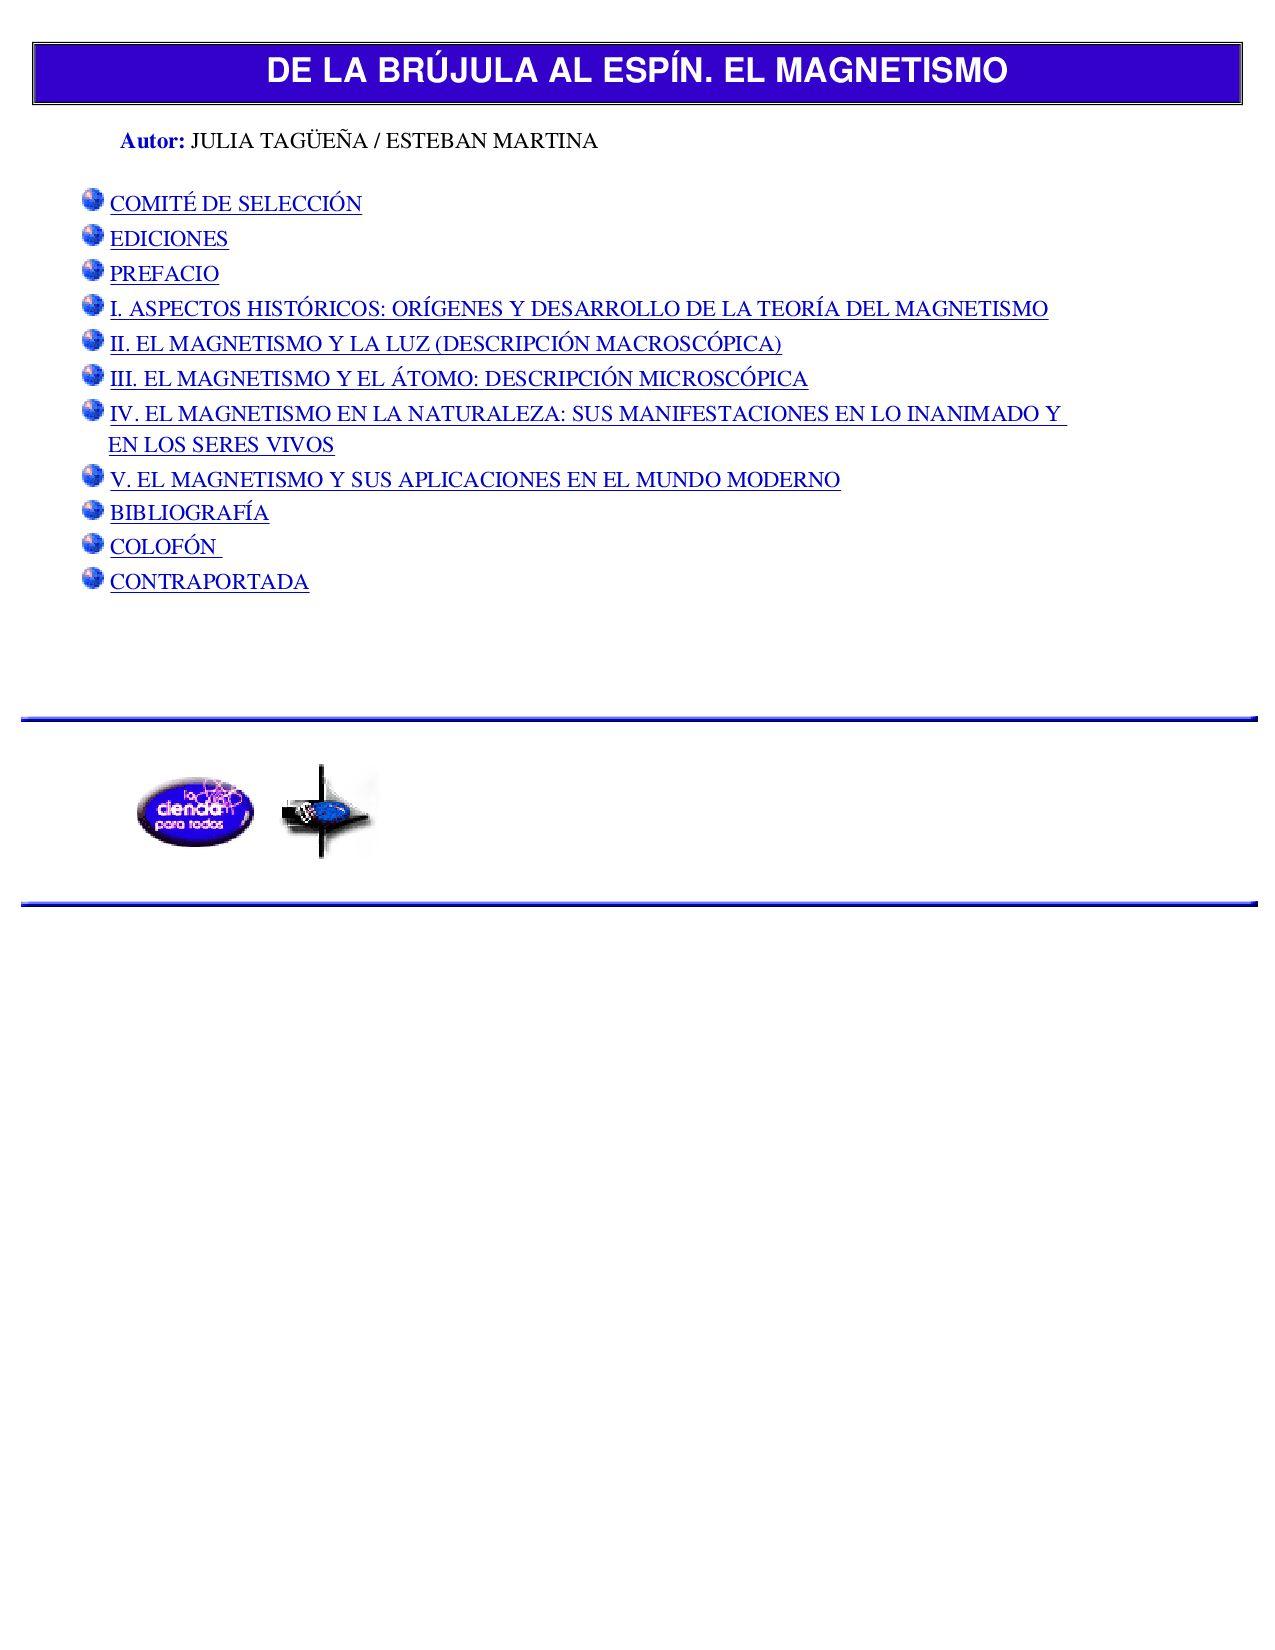 FISICA - De La Brujula Al Espin El Magnetismo by Contexto Inc. - issuu